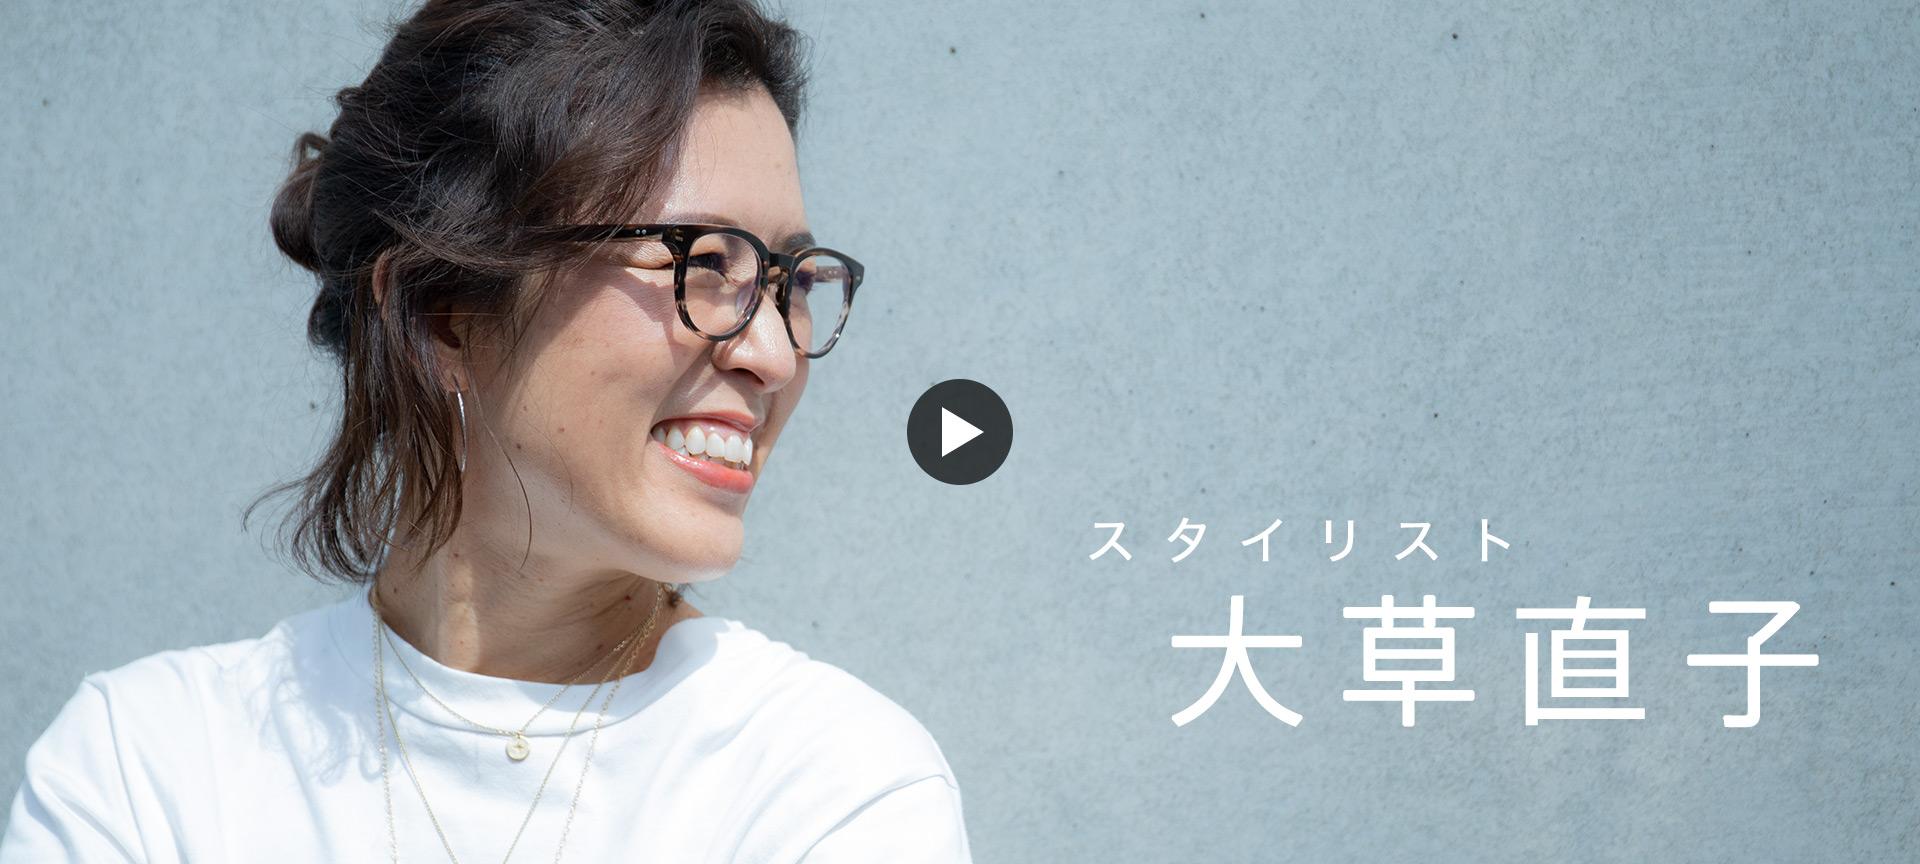 OWNDAYS MEETS 大草直子(Naoko Okusa)